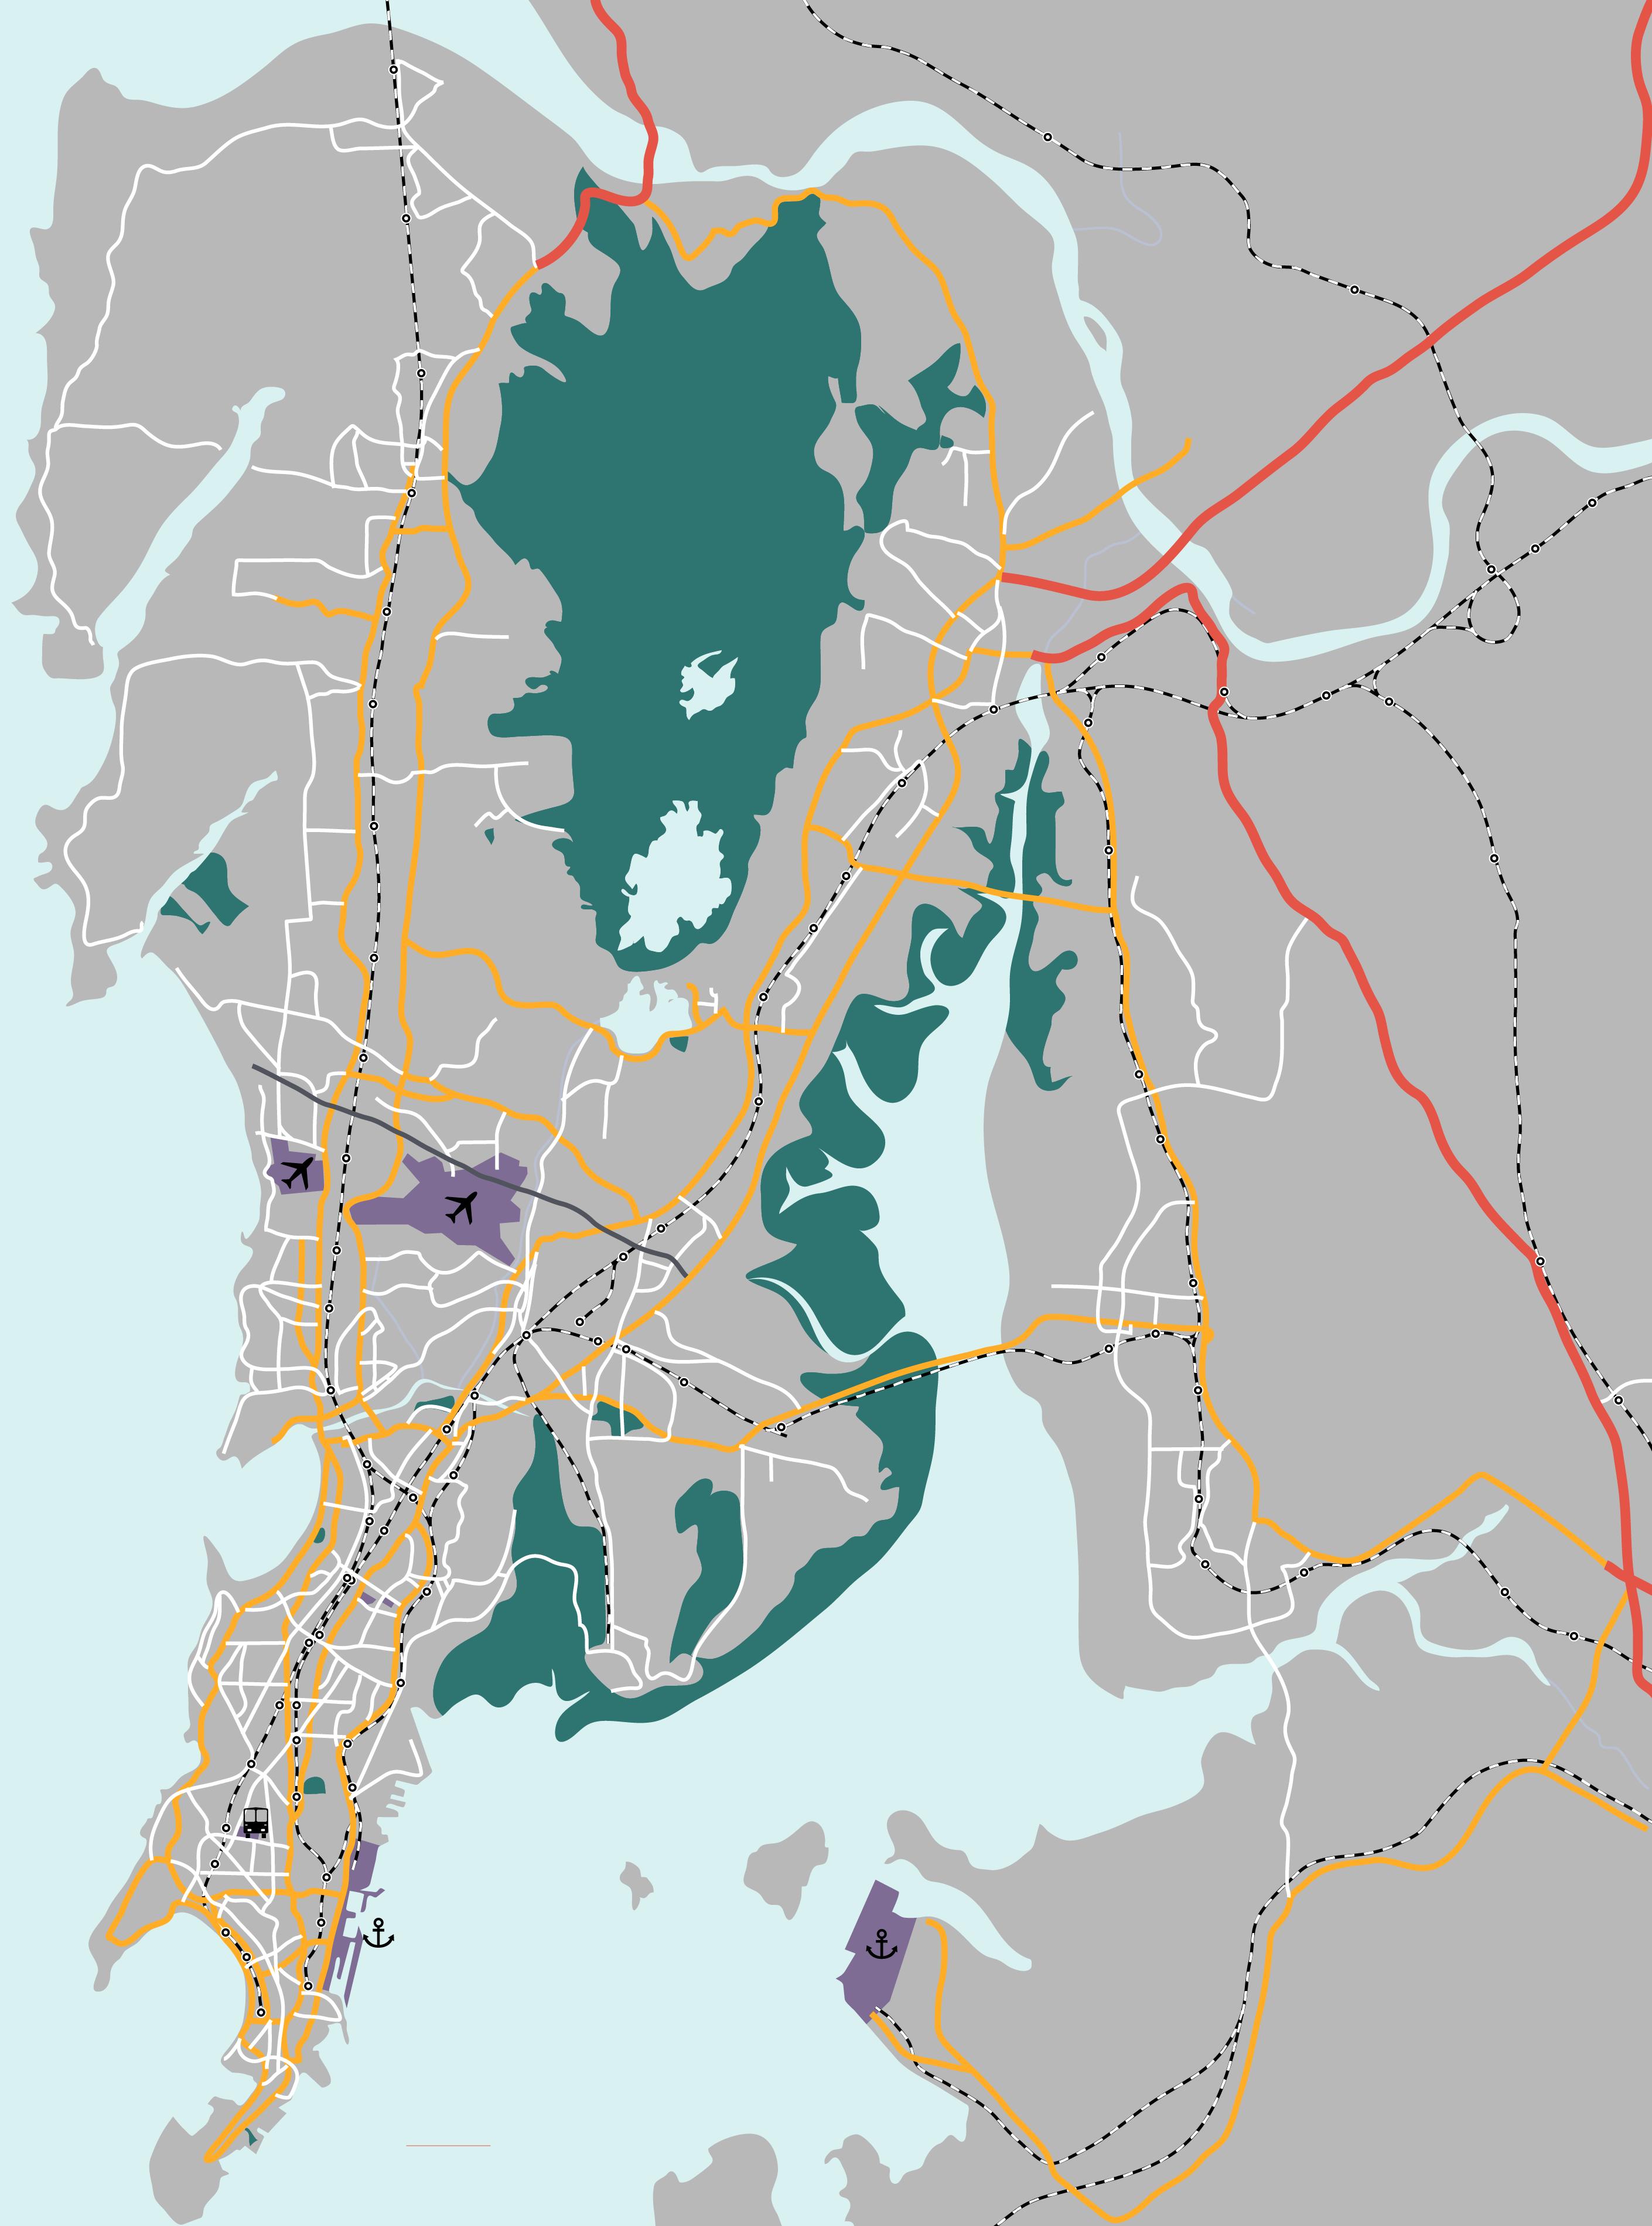 Roads and railways in Mumbai